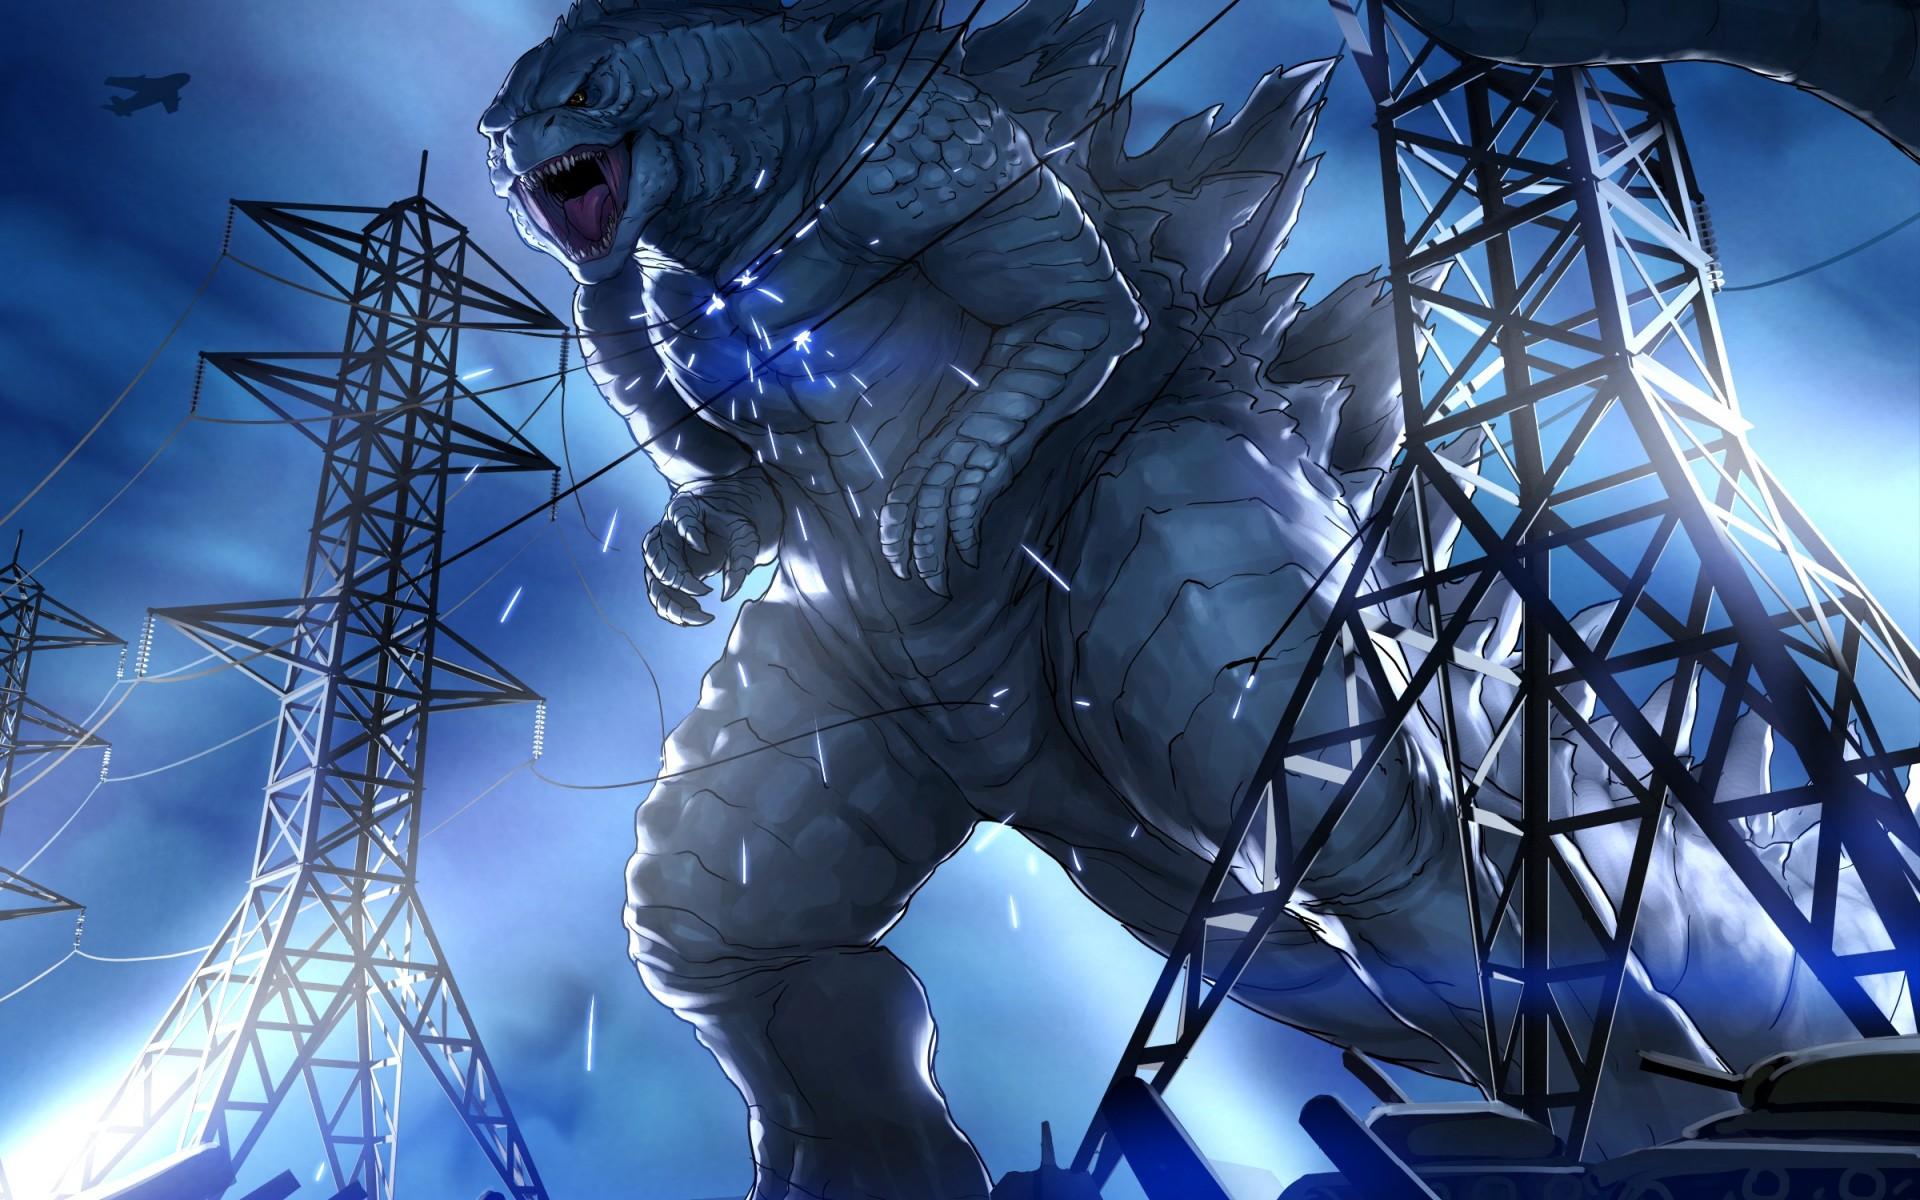 Godzilla wallpaper art destruction angry 1920x1200